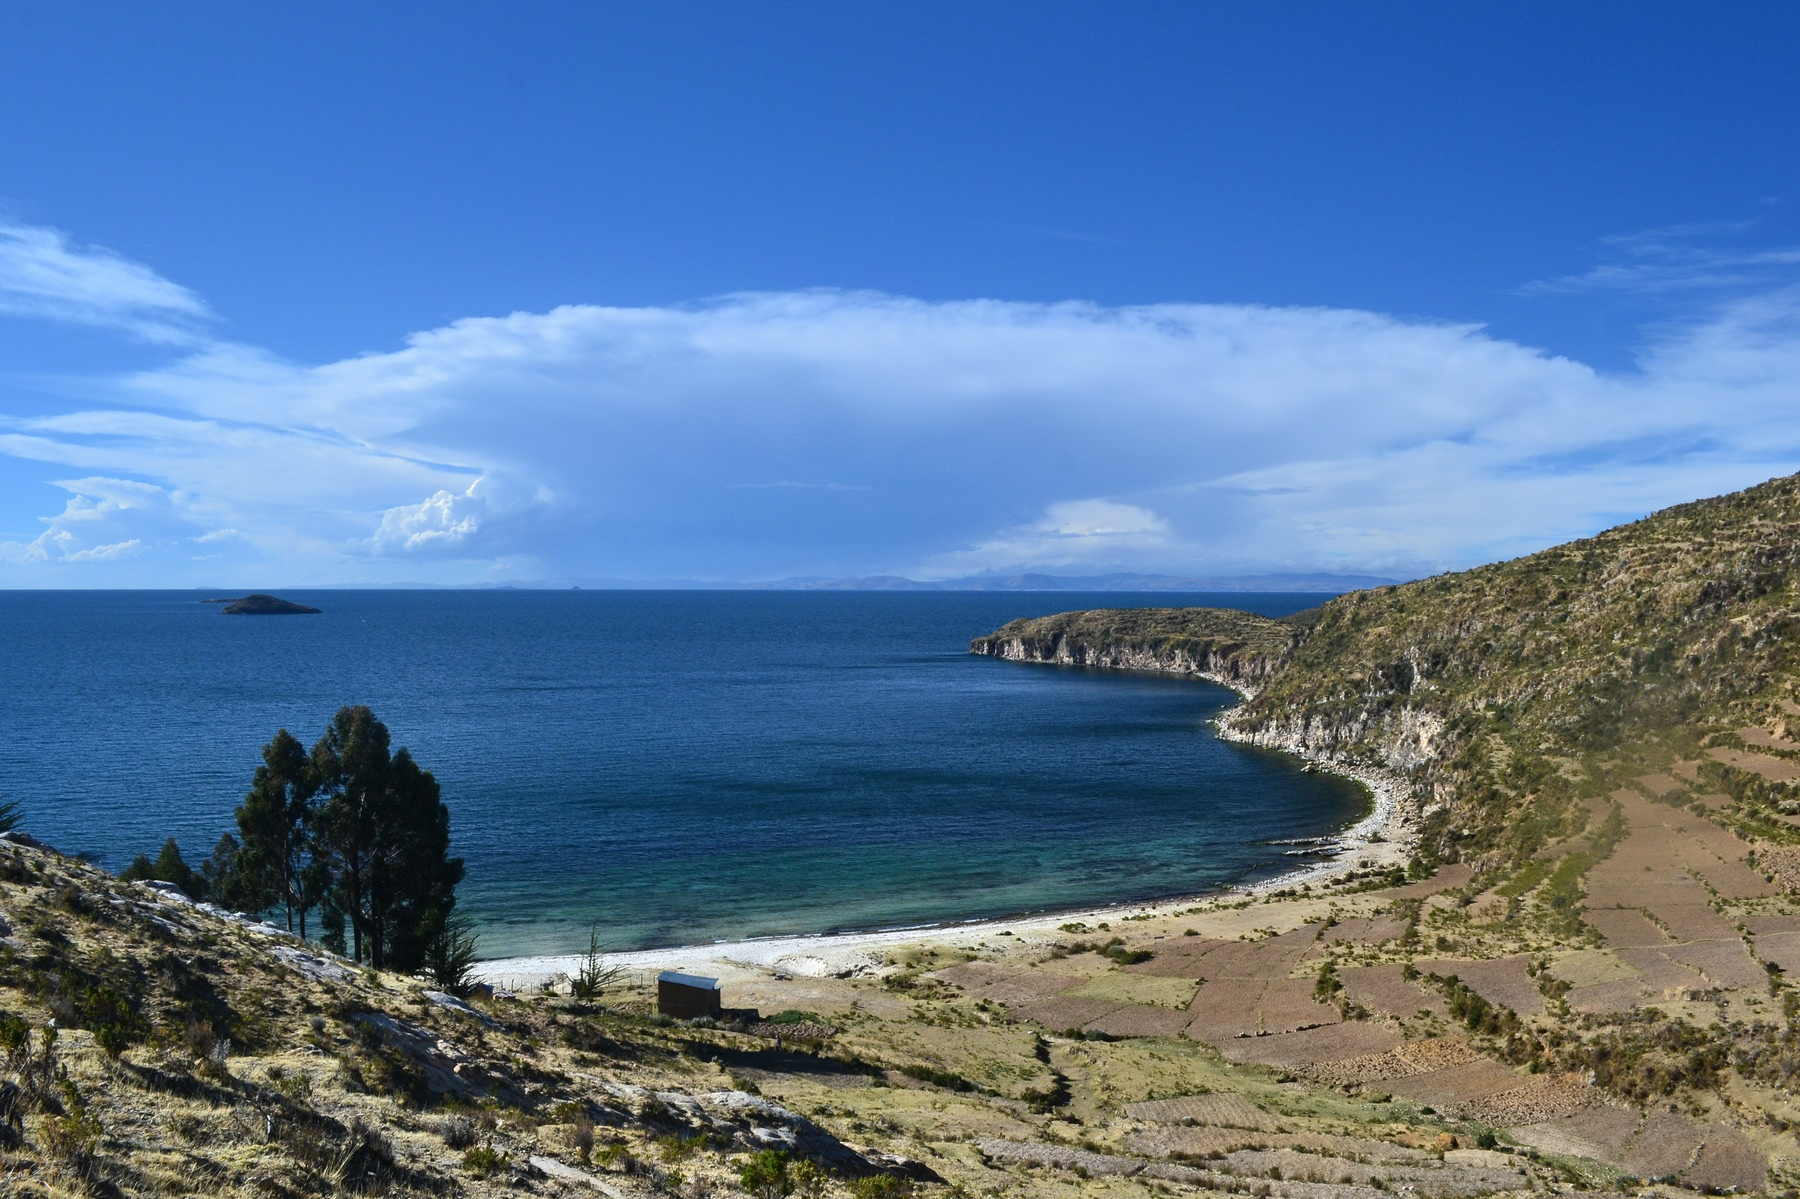 la-paz-titicaca-coroico19